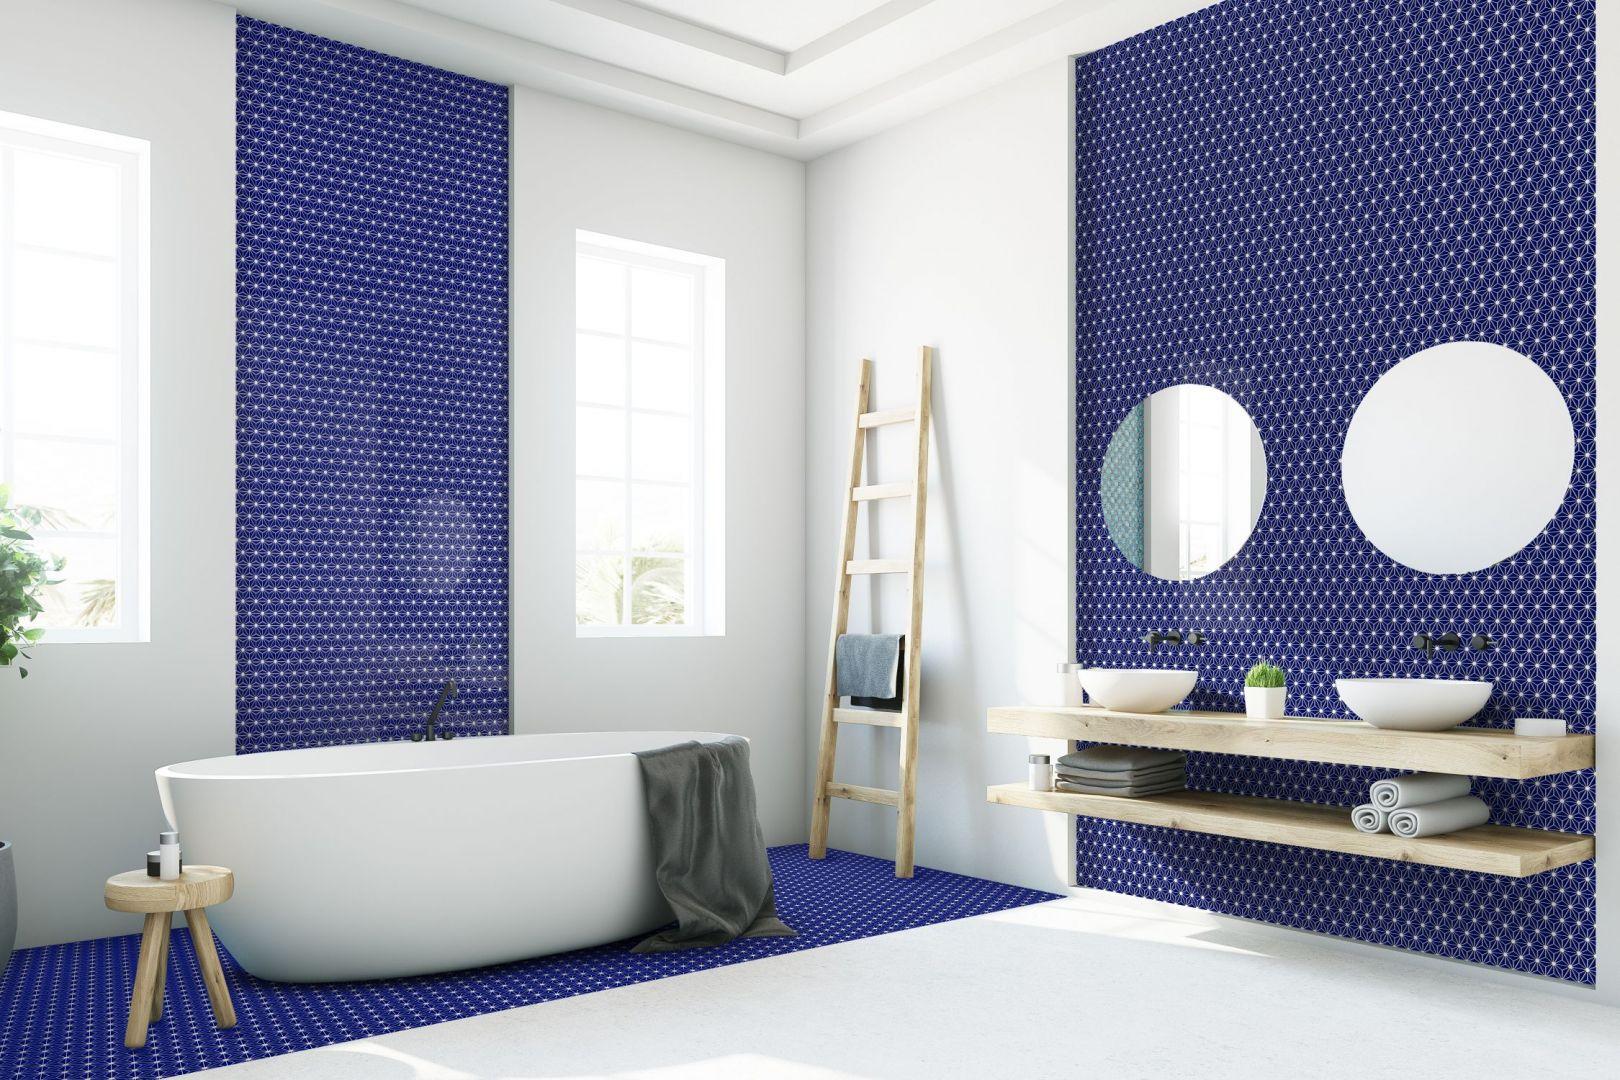 Granat jest świetnym kolorem bazowym do wielu połączeń kolorystycznych – zarówno bardziej stonowane i spokojne jak i te mocno kontrastowe, energetyczne zestawienia. Fot. Raw Decor